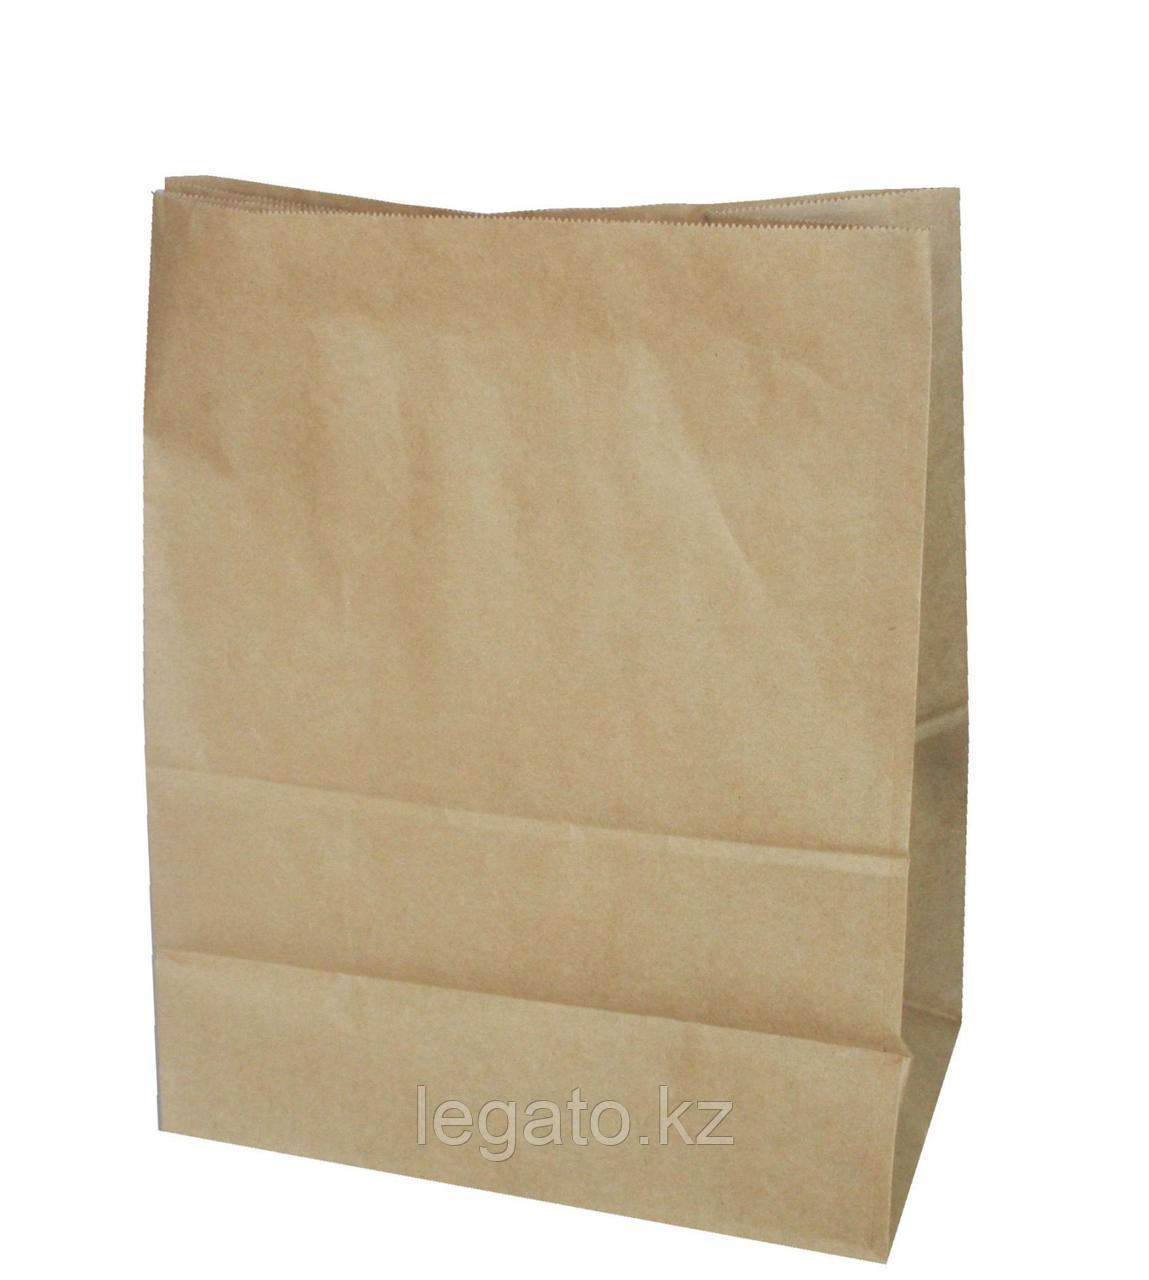 Пакет бумажный 260*200*90 б/п, Ж 2500шт/кор